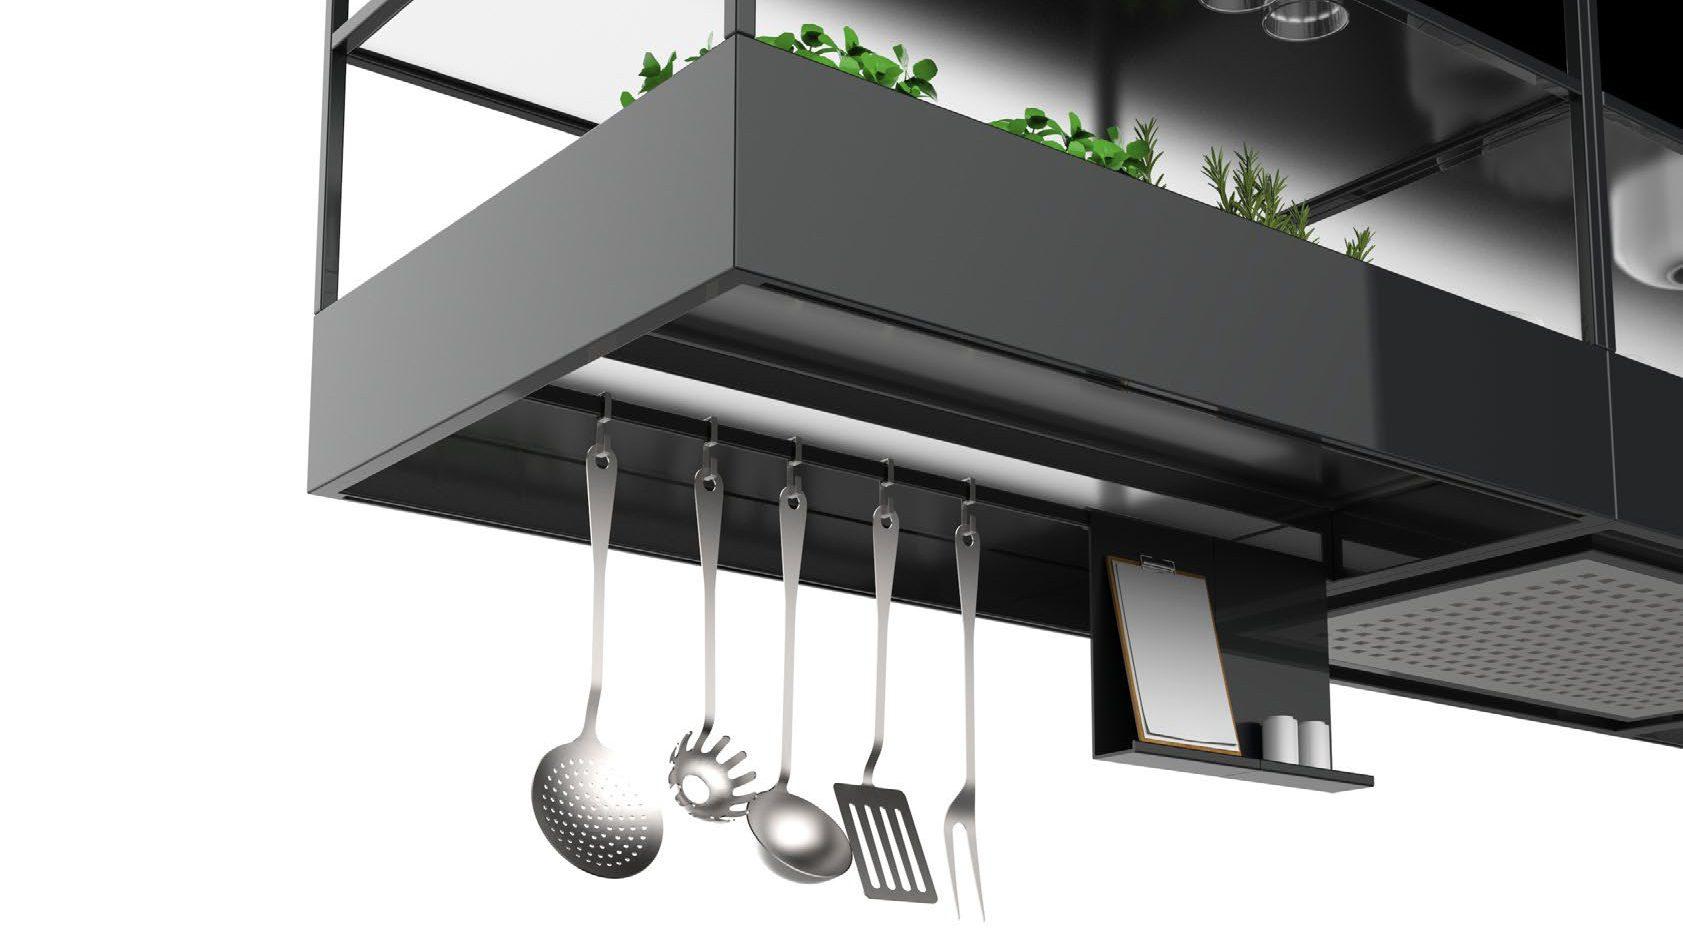 Recirculatie afzuigkap voor boven het kookeiland met mat-glazen plateau's voor servies en ander keukengerei en moestuin voor kruiden. Falmec Spazio #falmec #keuken #keukeninspiratie #afzuigkap #kookeiland #kruidentuin